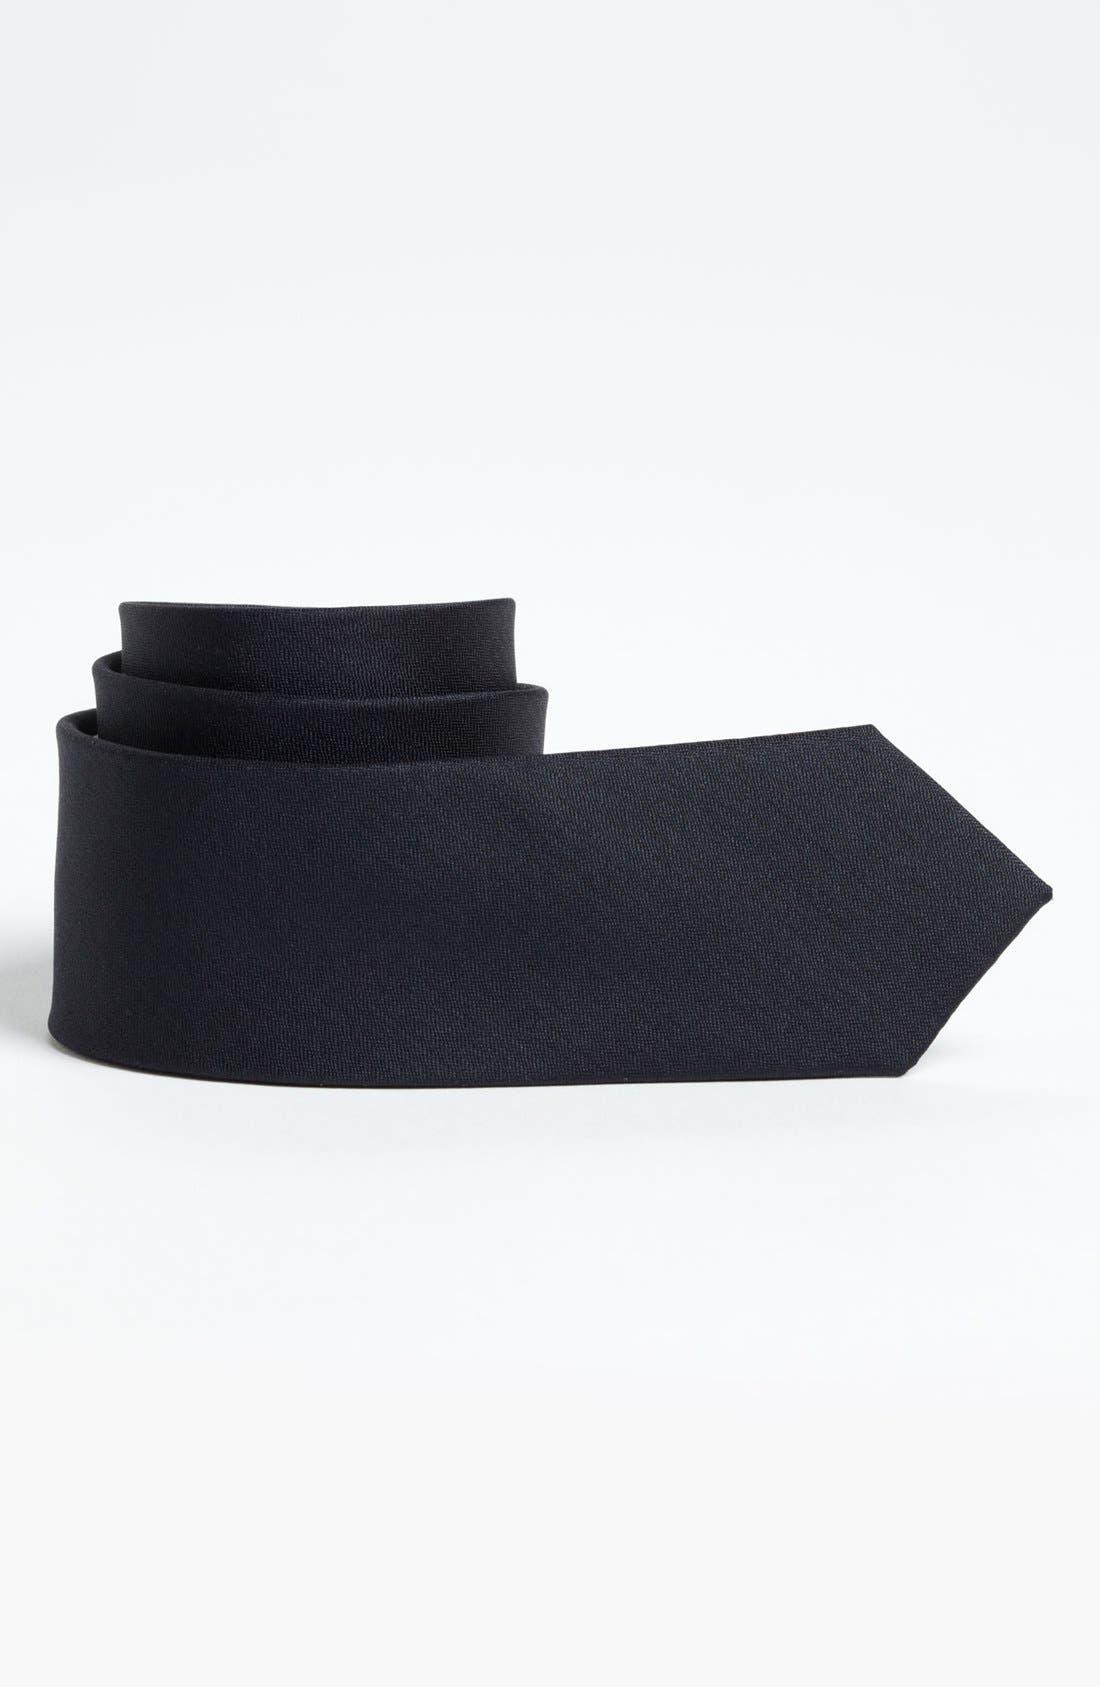 Alternate Image 1 Selected - BOSS Kidswear Woven Silk Tie (Little Boys)